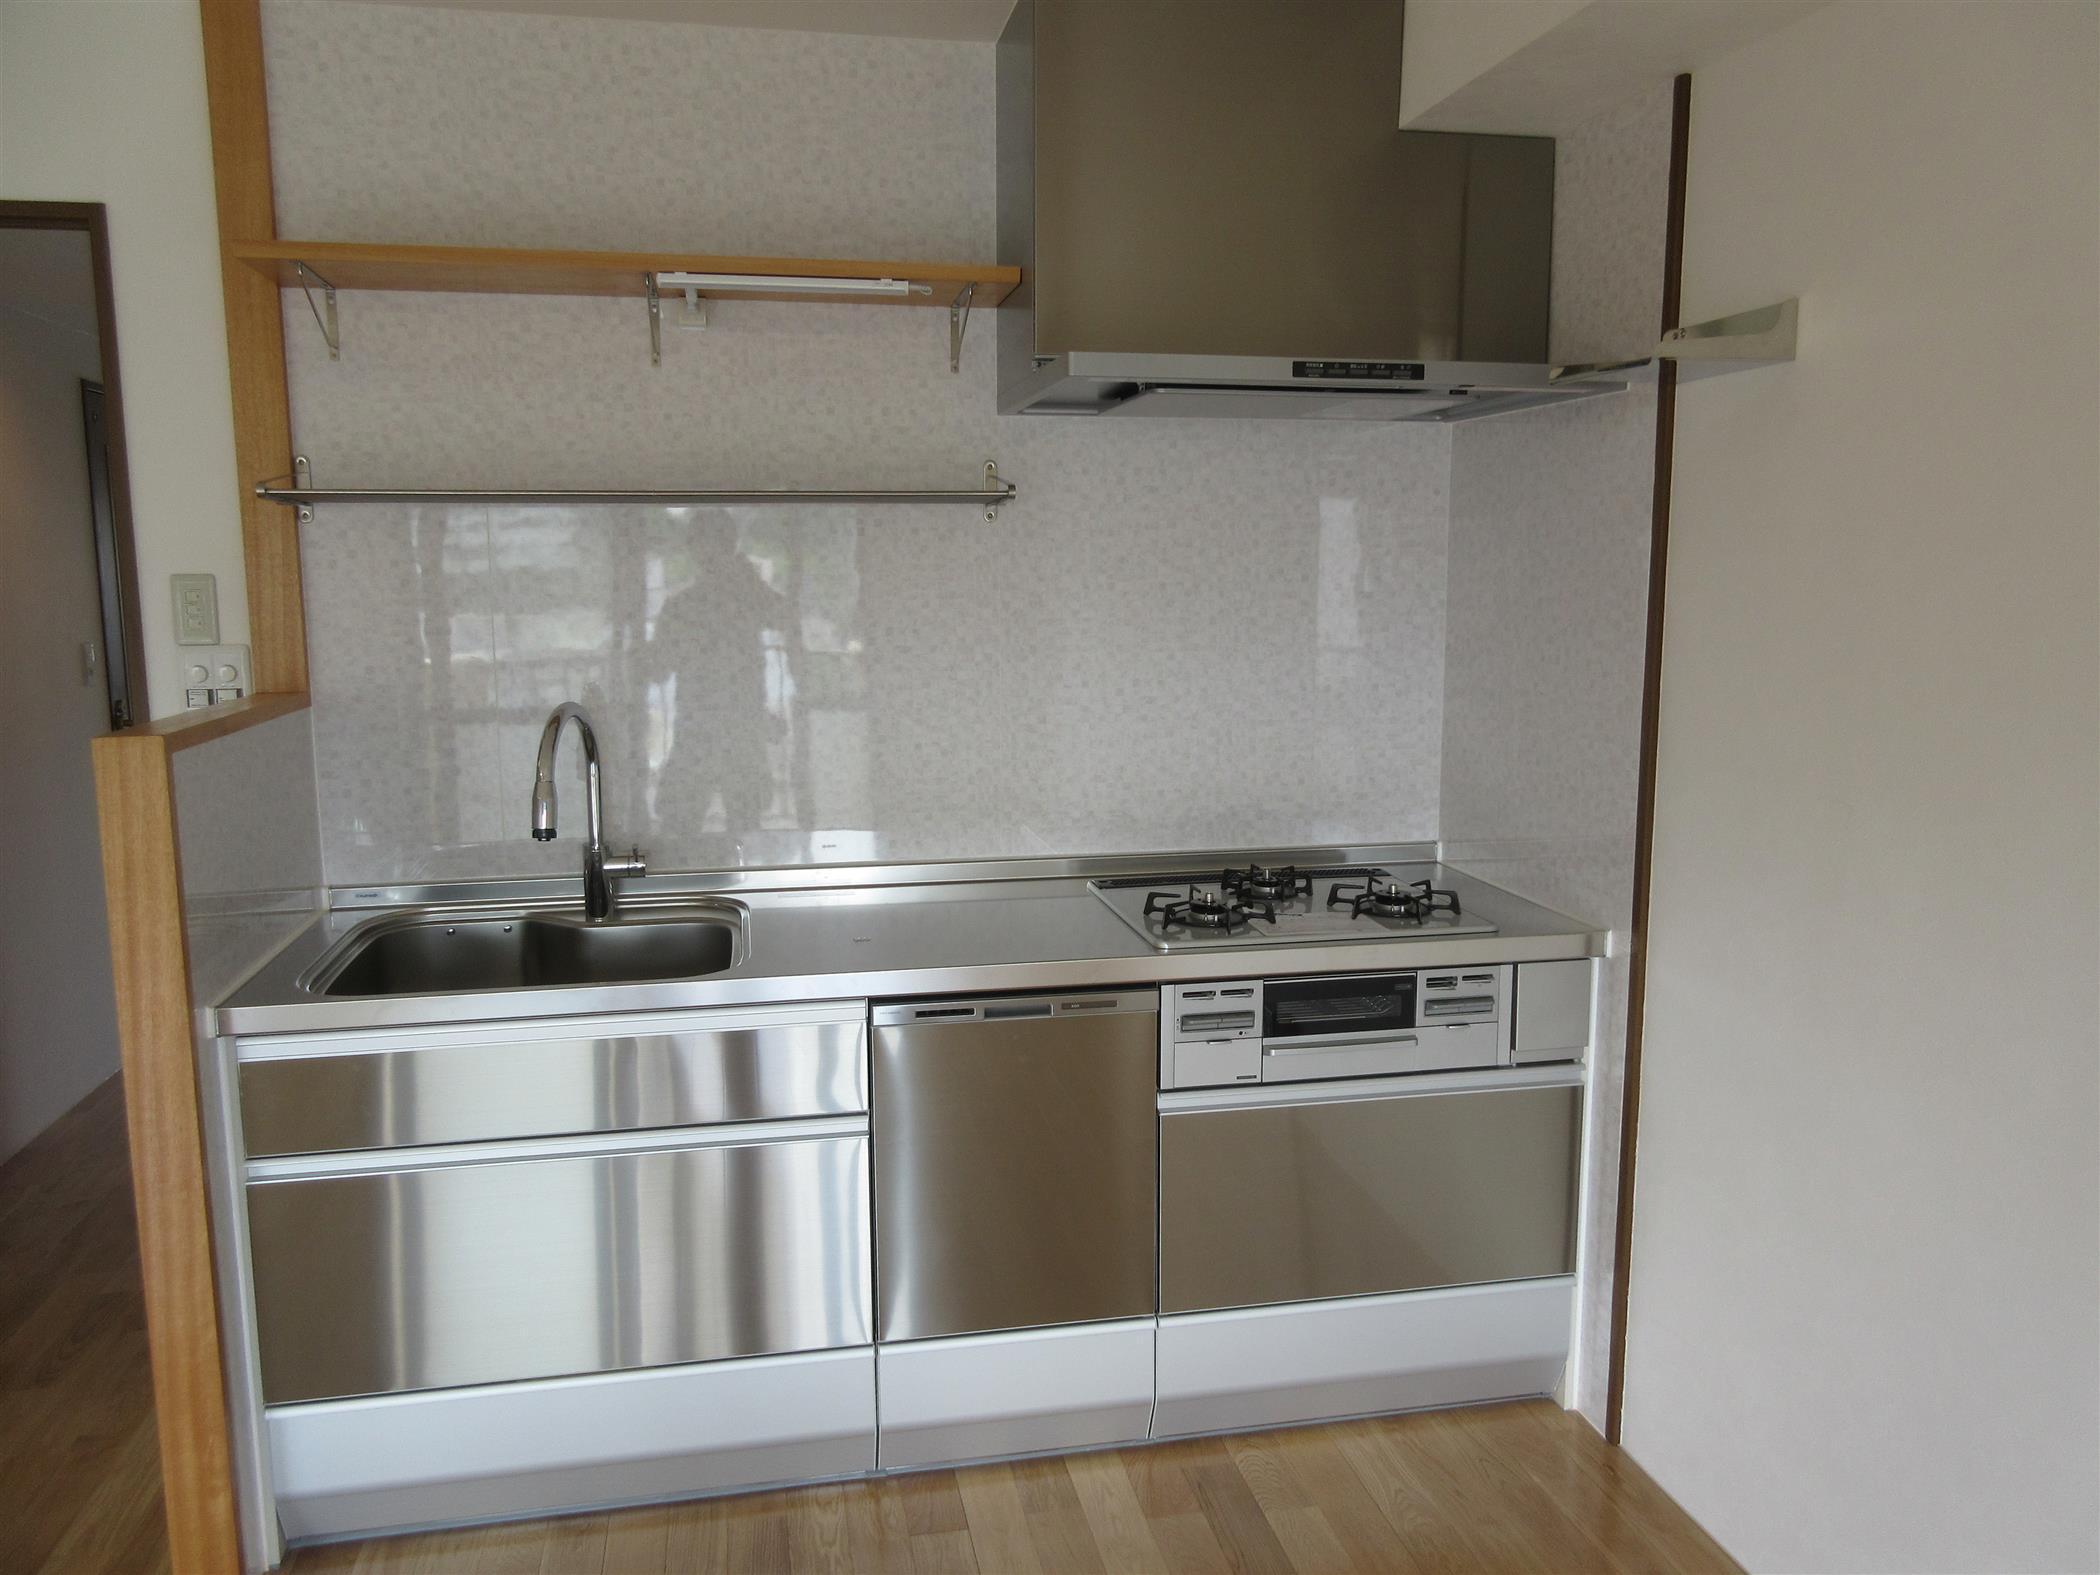 マンションのキッチン工事(リフォーム施工事例)を公開しました。   沖縄や那覇でリフォームするなら【株式会社 あうん工房】